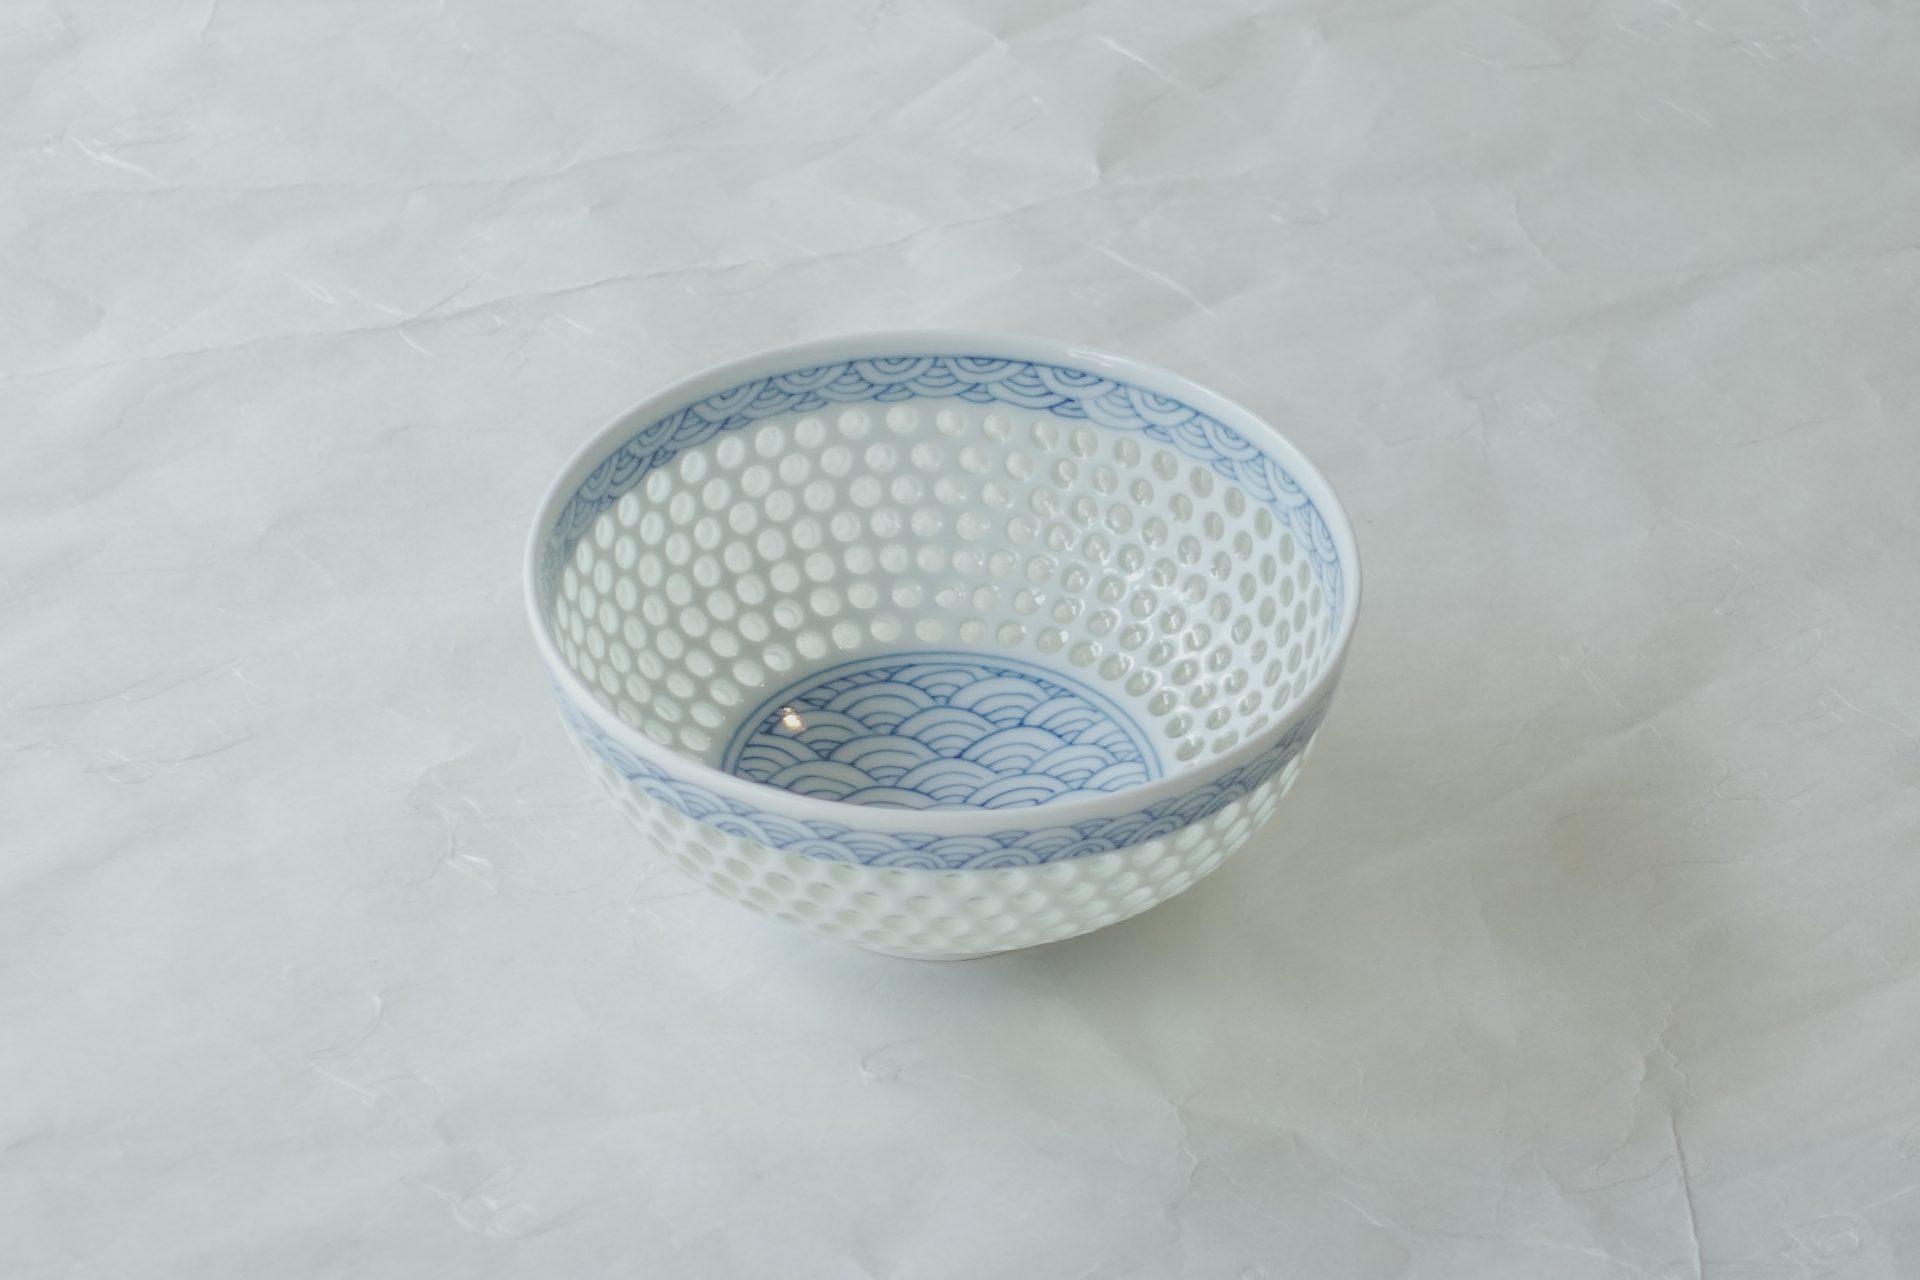 陶磁器 有田焼 水晶彫り ご飯茶碗 飯碗 ガラス釉 生地に穴を空ける 水晶のように美しい 熟練の職人 手作業 大変な手間 高度な技術 良質な磁器 高温焼成 青海波 涼し気 手描き さわやか 軽い 持ちやすい 使いやすい 逸品